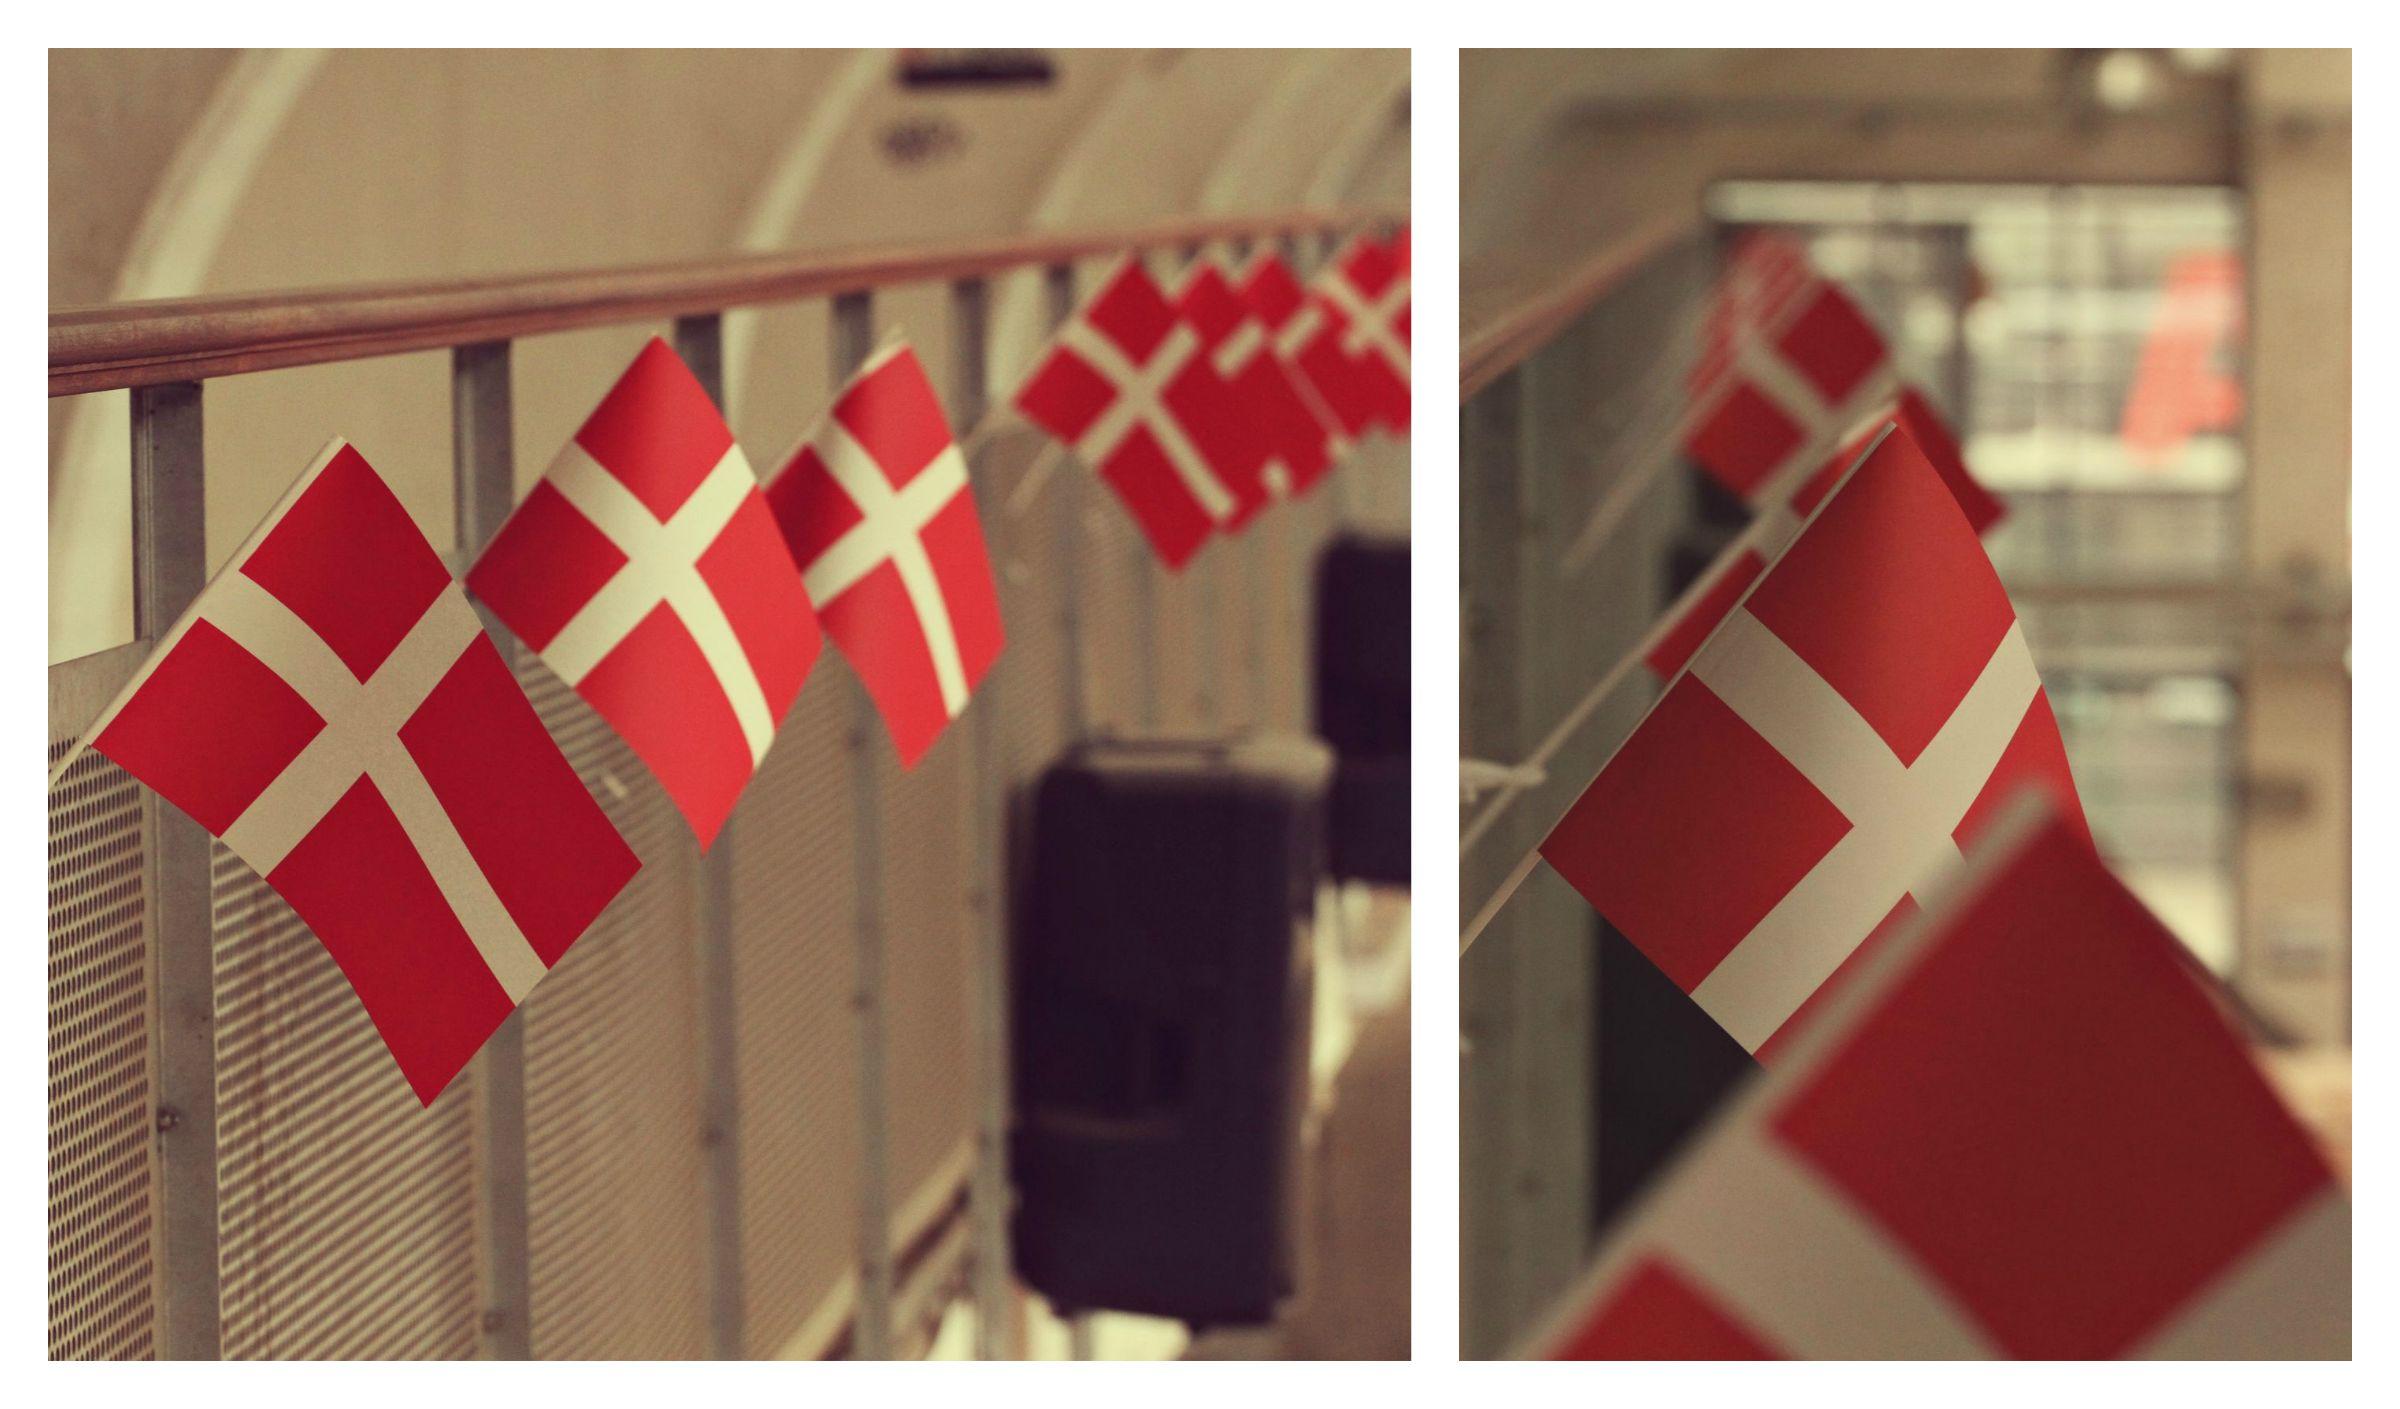 flagsdk76.jpg